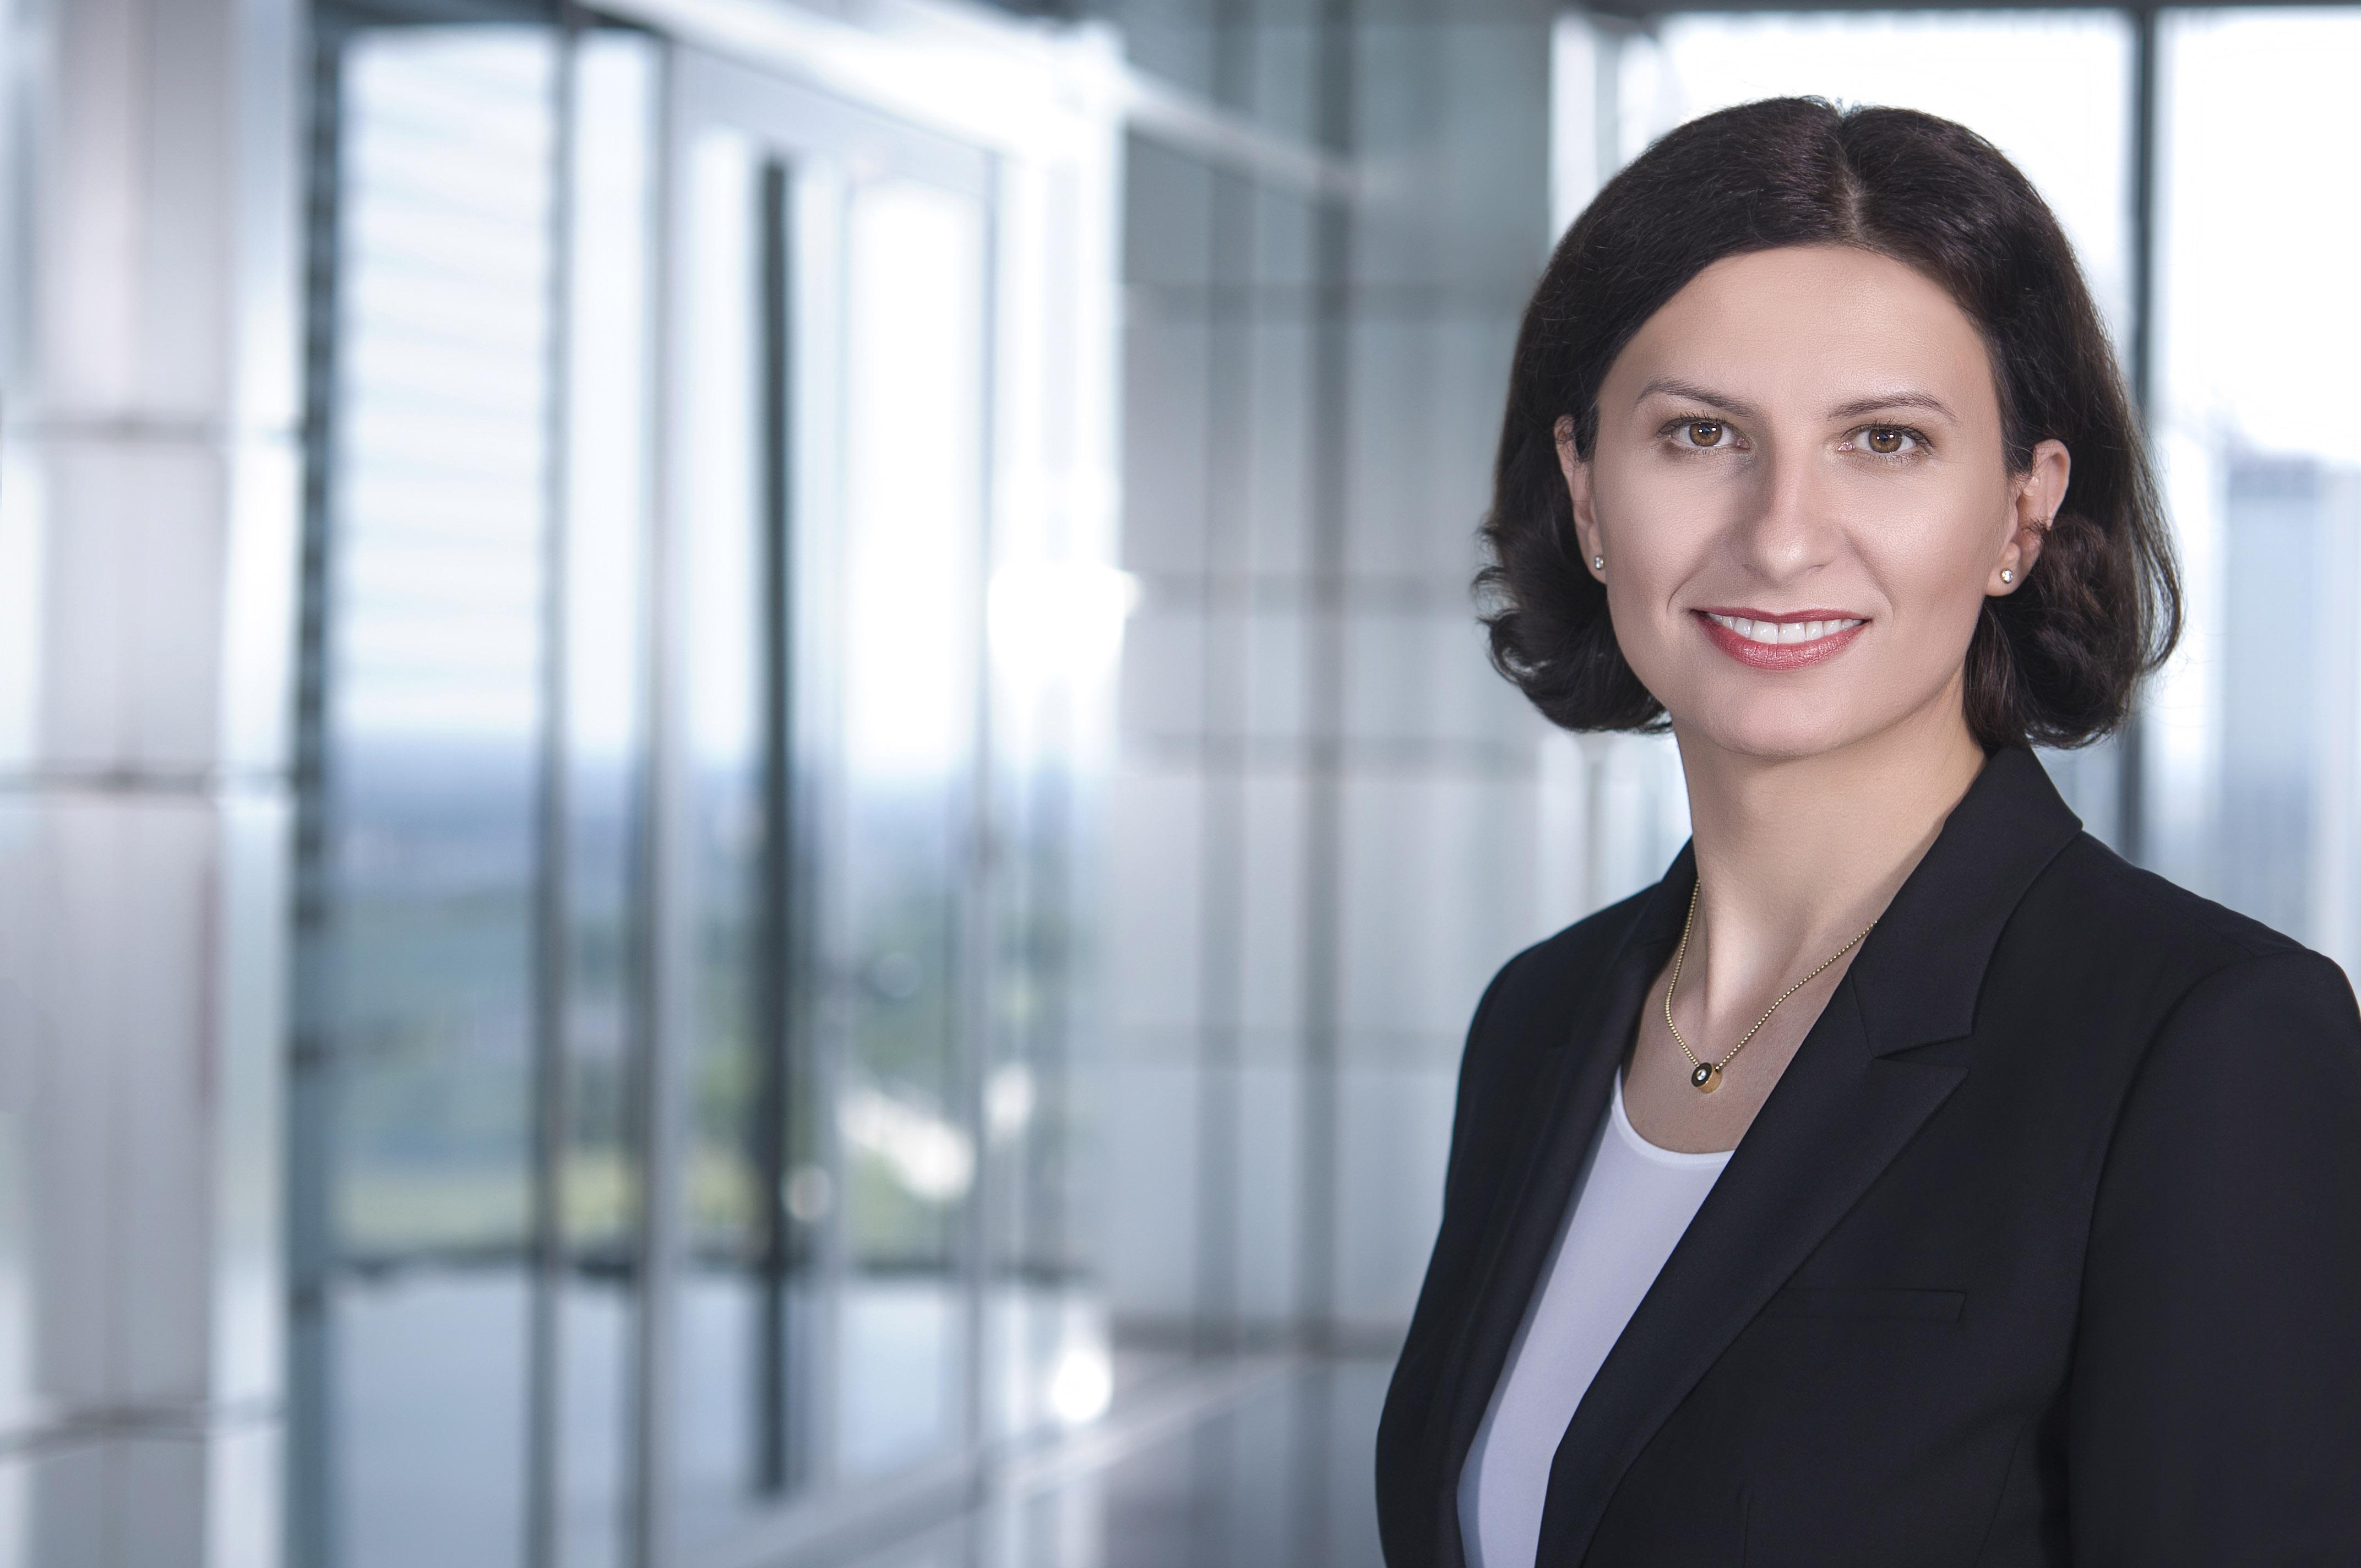 Marzena Hofrichter,CFA, współzarządzająca subfunduszem Franklin Zmiennej Alokacji w Templeton Asset Management TFI